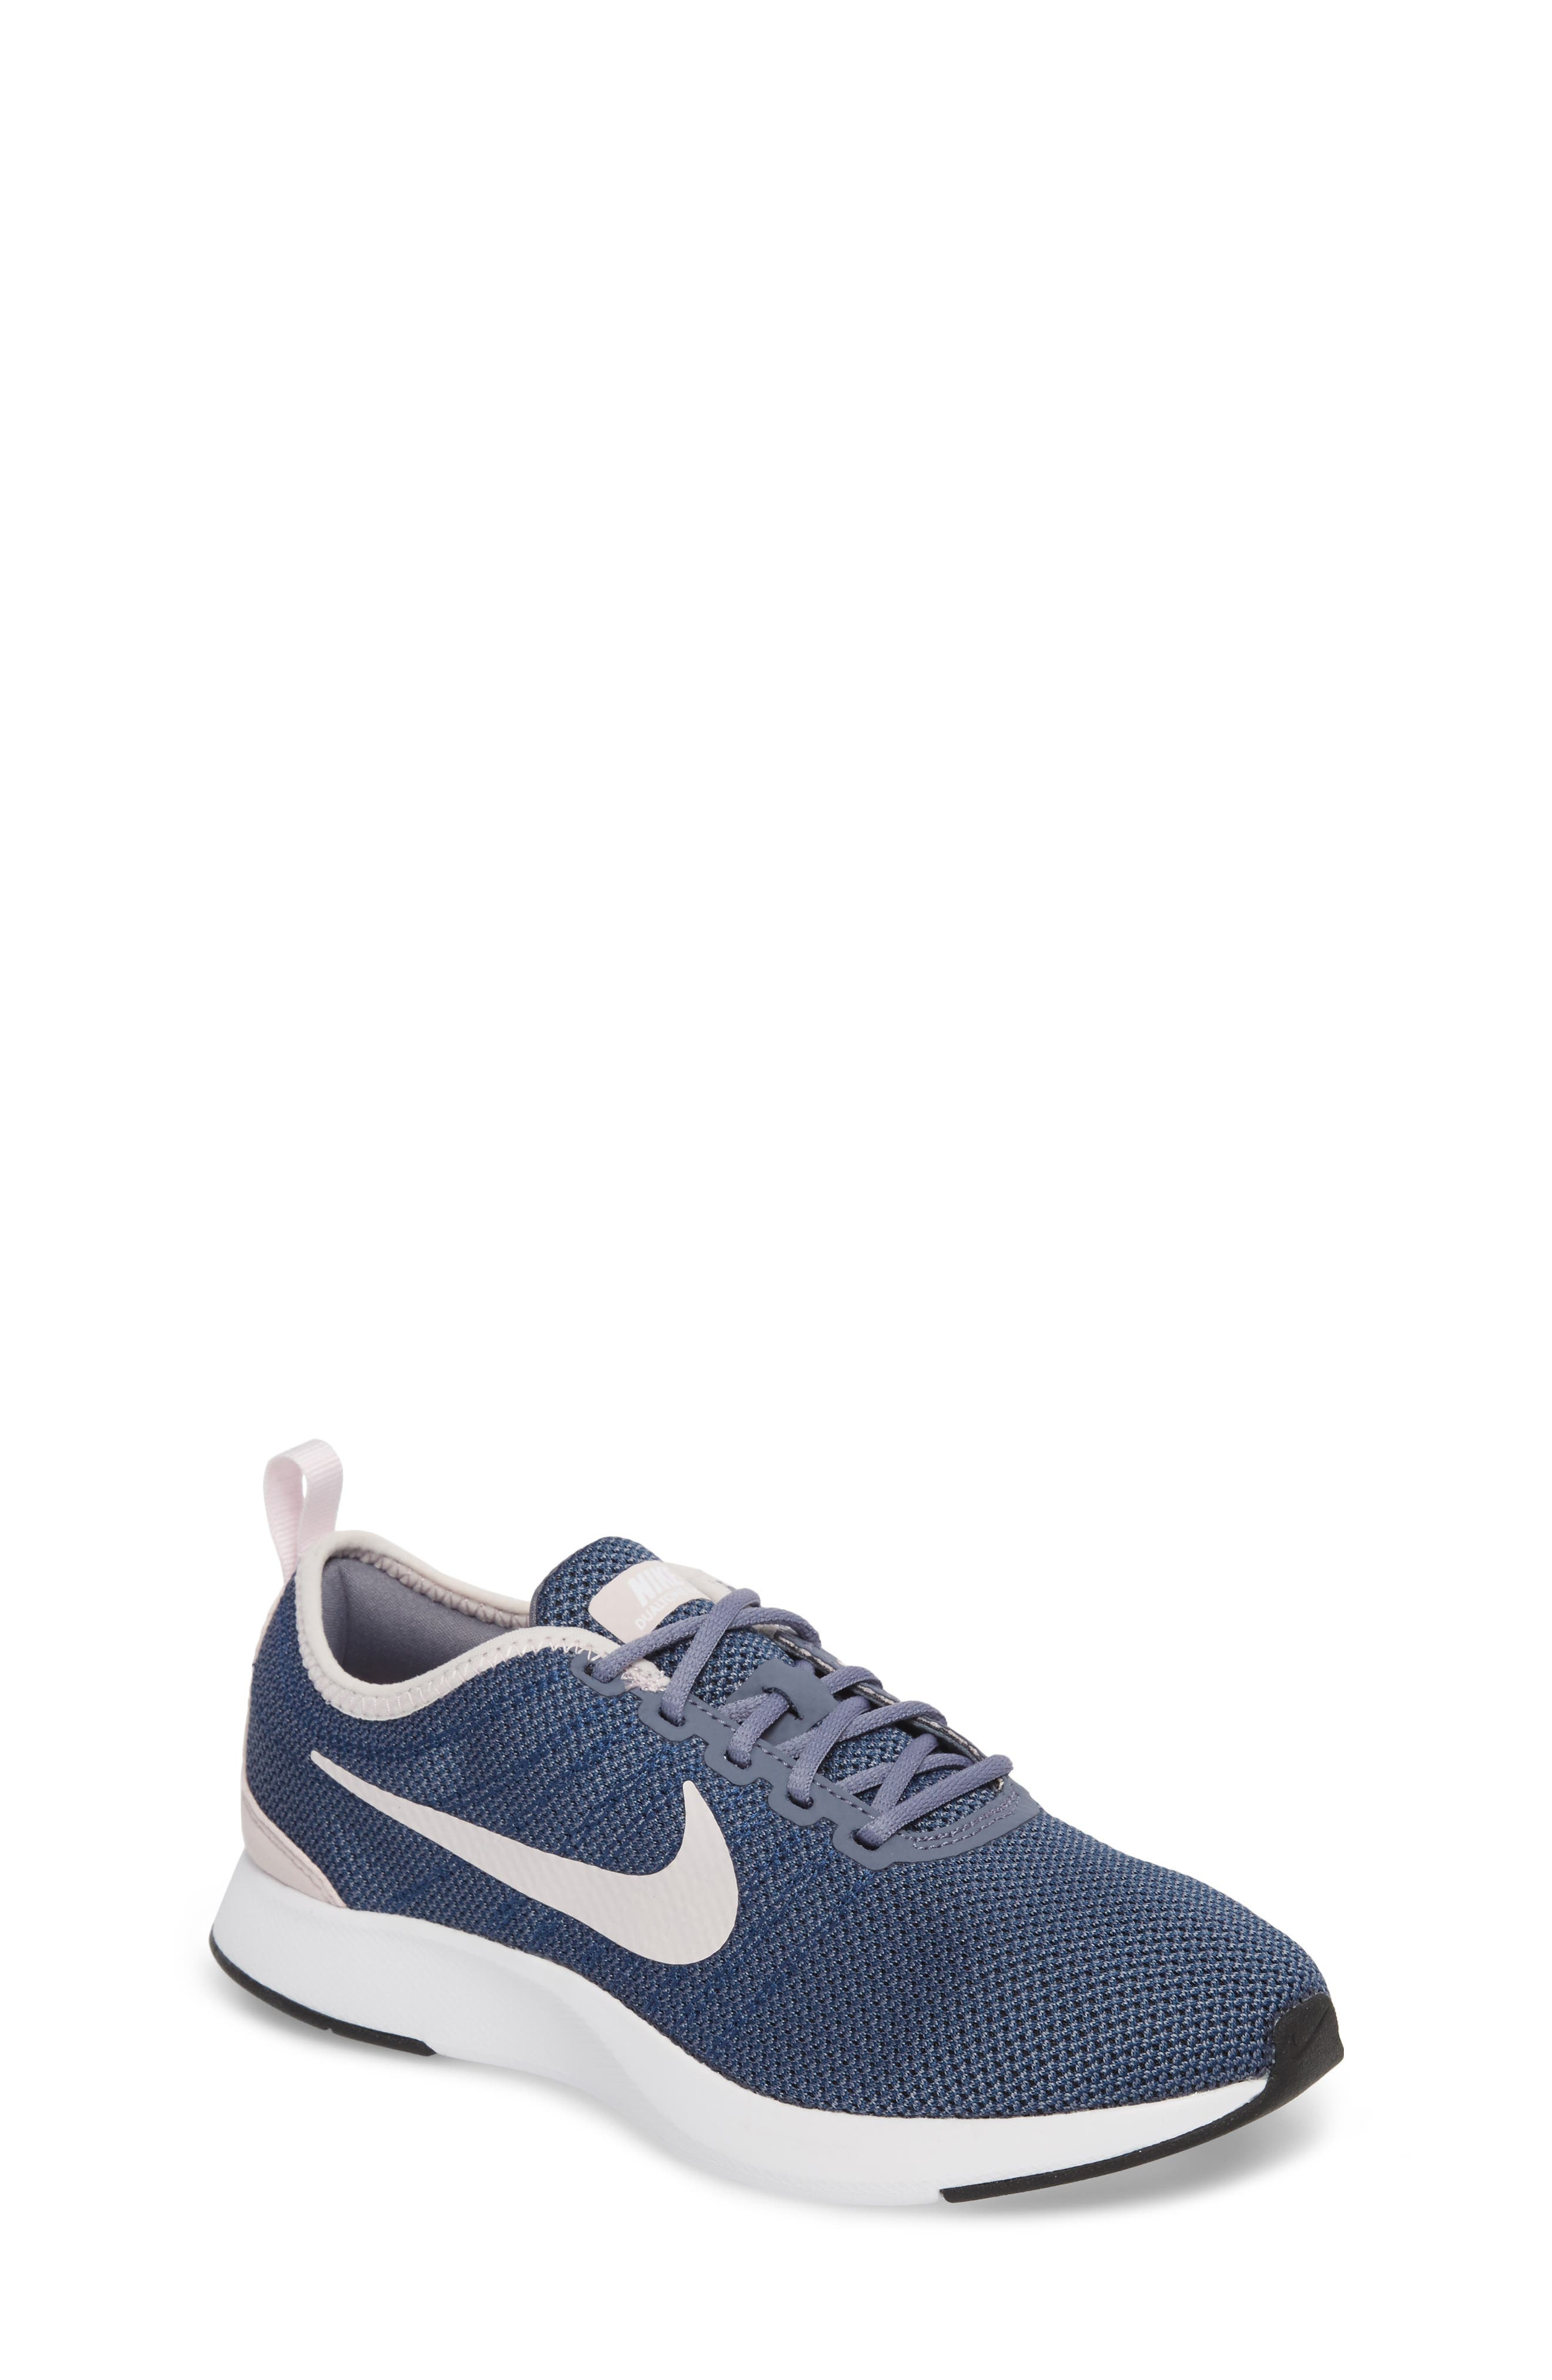 Dualtone Racer GS Sneaker,                         Main,                         color, 020